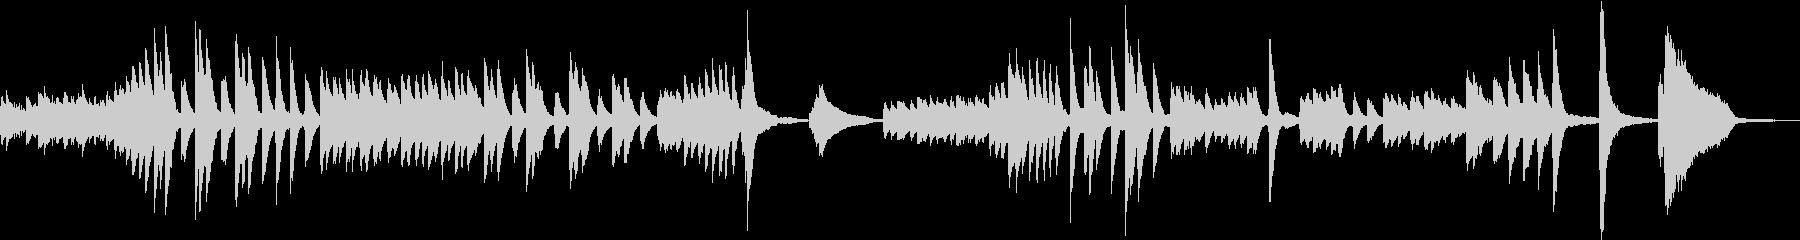 可愛いピアノ曲の未再生の波形